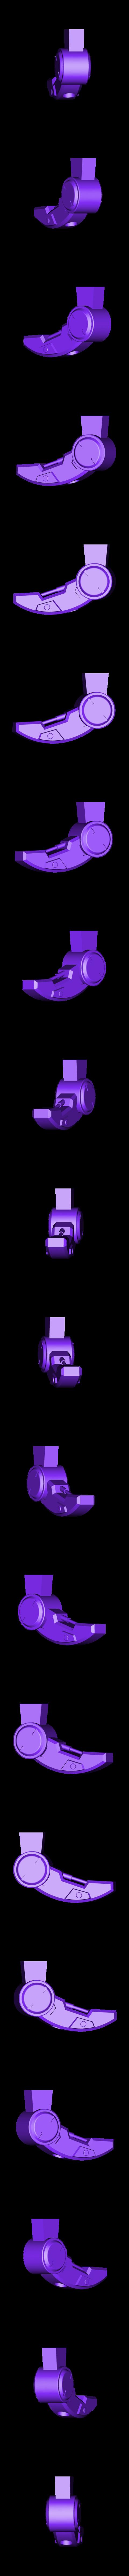 Leg-LeftFront.stl Download STL file Hammond's Wrecking Ball Mech from Overwatch • 3D printer template, FunbieStudios